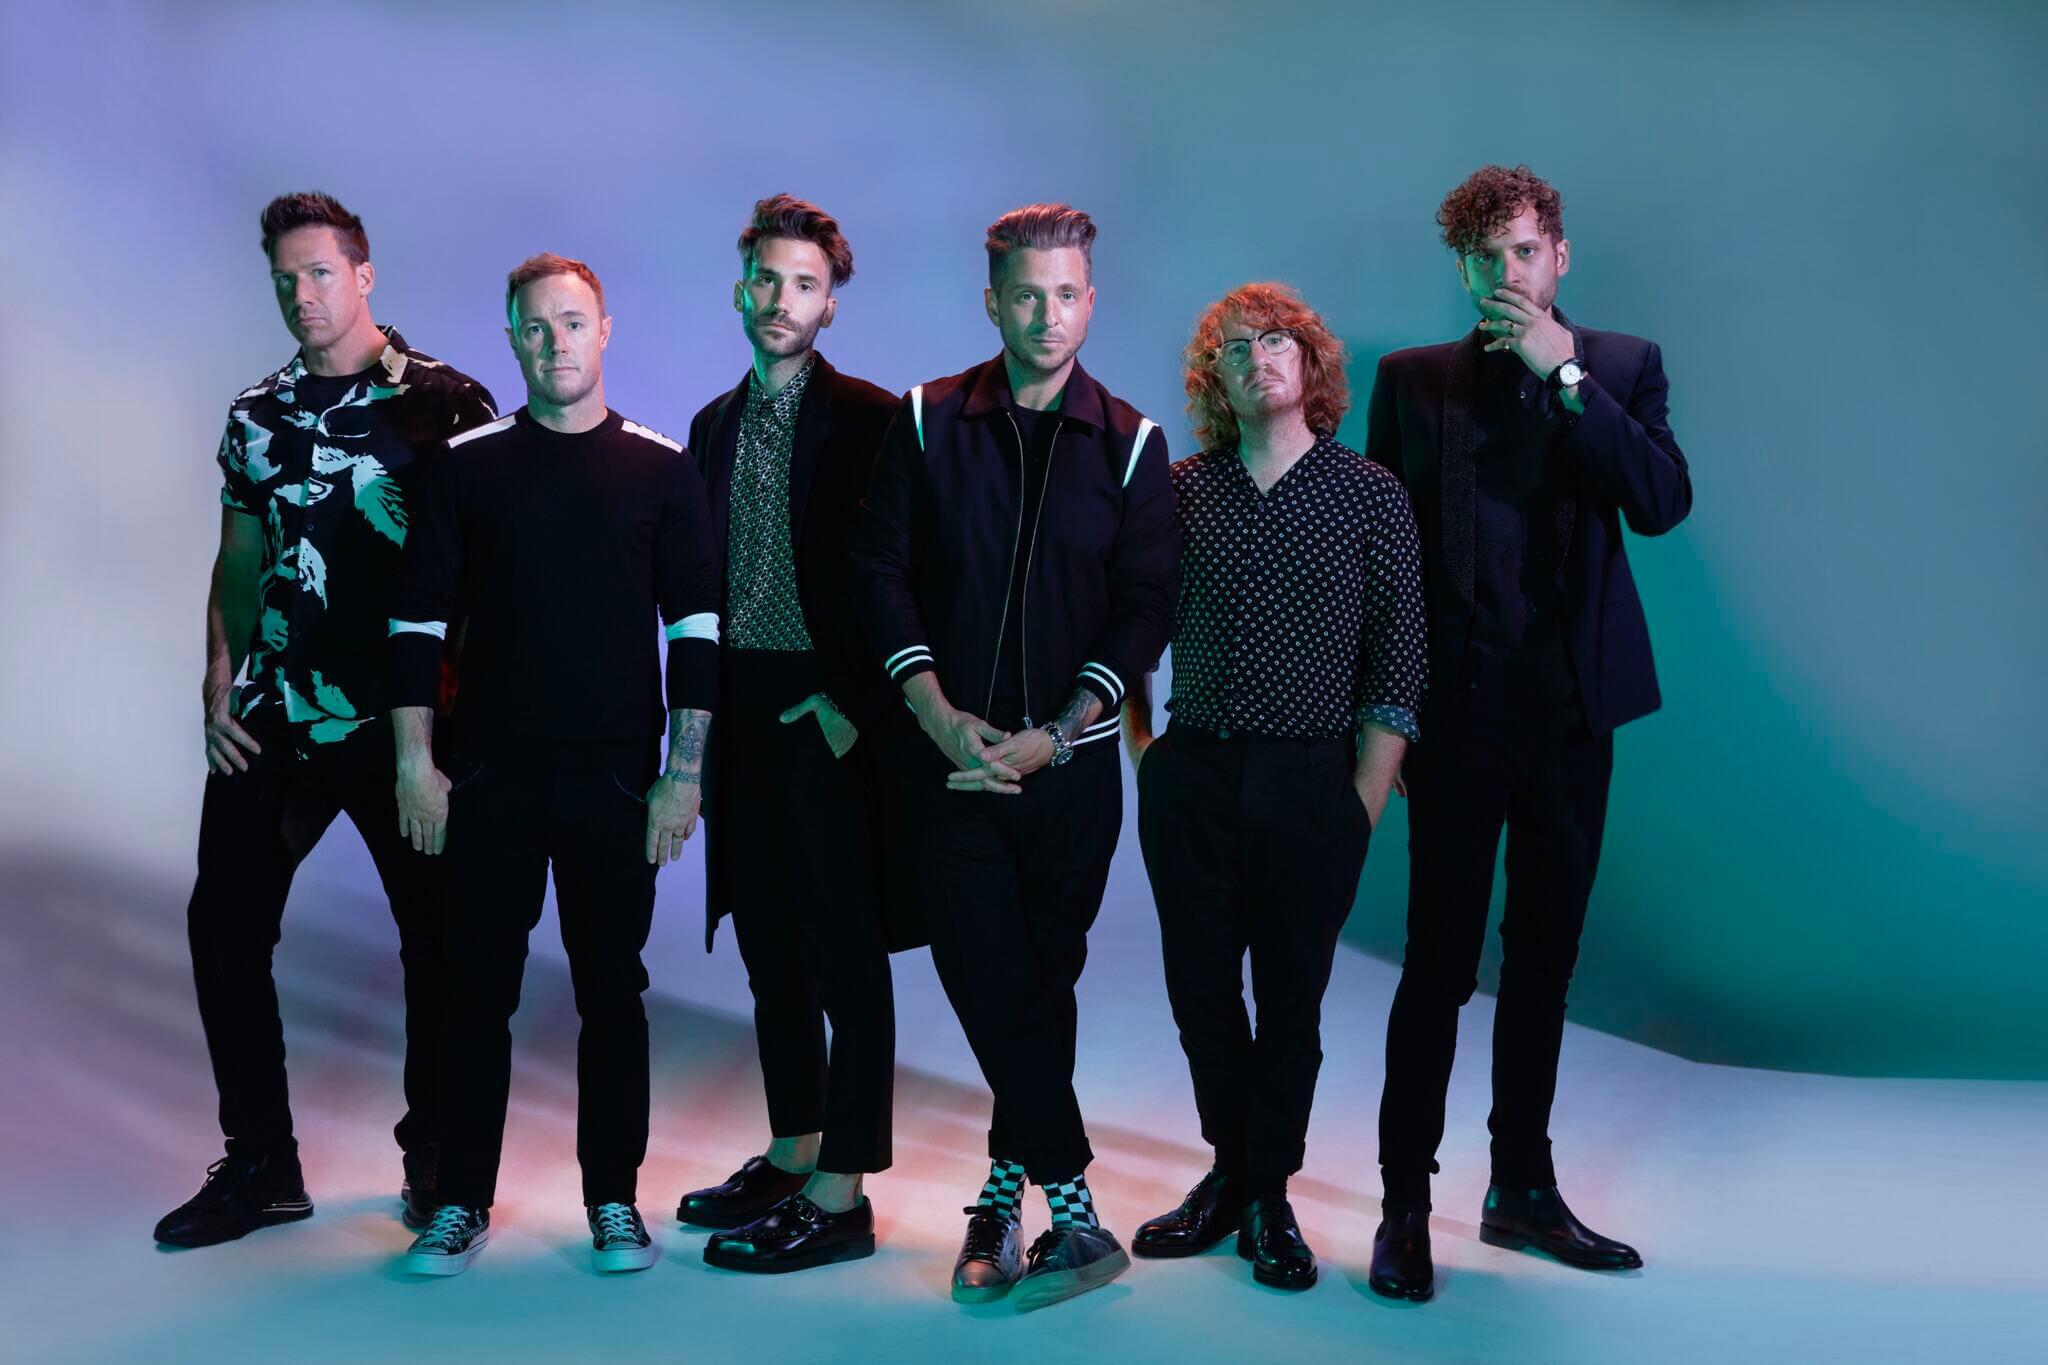 OneRepublicが5年ぶりのアルバム『Human』をリリース!パフォーマンス・ビデオも公開